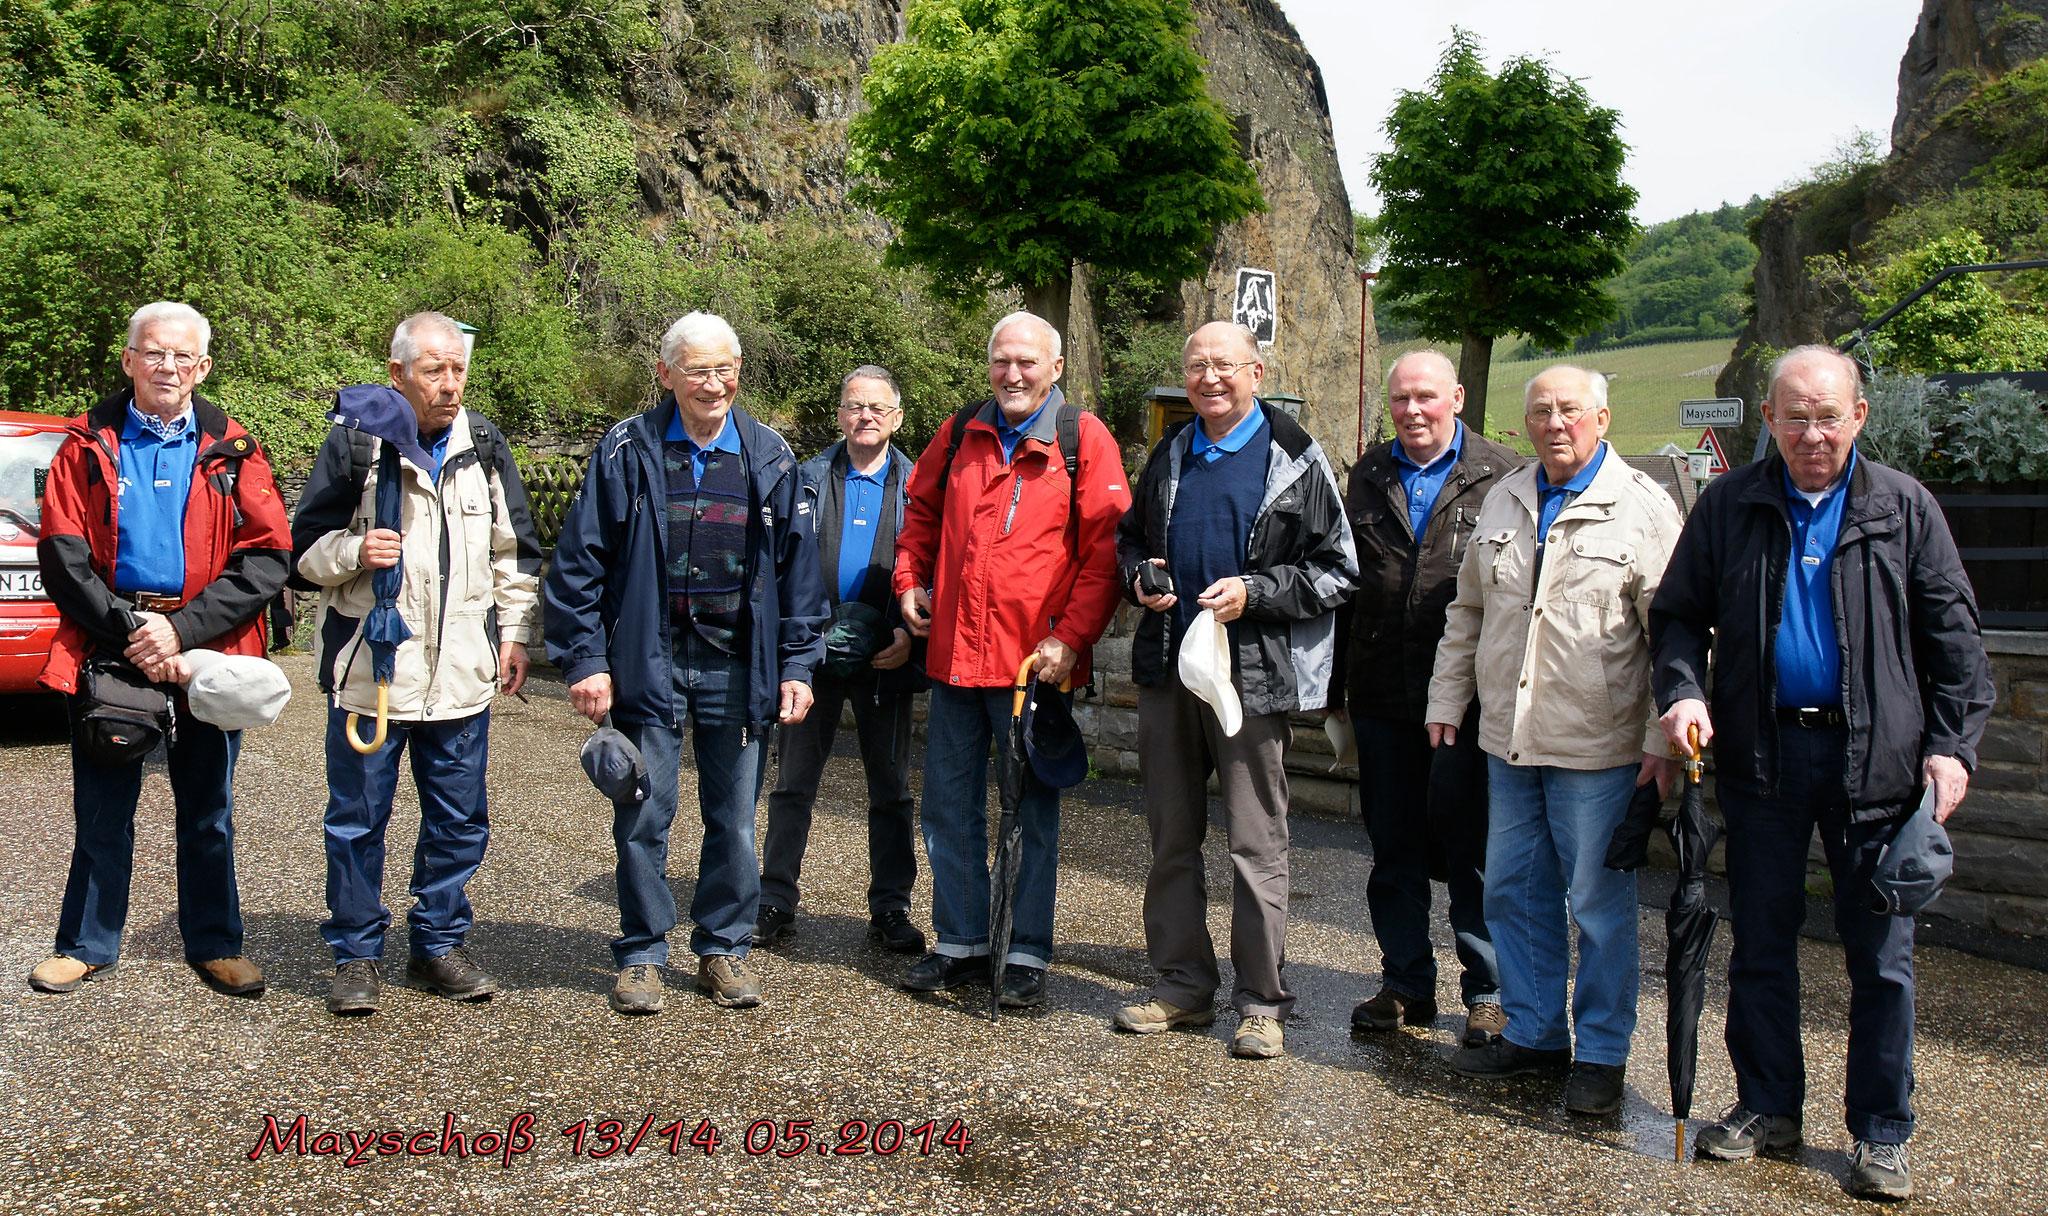 Foto von der Wanderung im Ahrtal in Mayschoß (13.05.2014) v.l. G. Wenzel, H. Engel, K-H. Schmidt, H. Wacker, D. Heuer, L. Maiworm, H. Kaufmann, K-H. Kaufmann